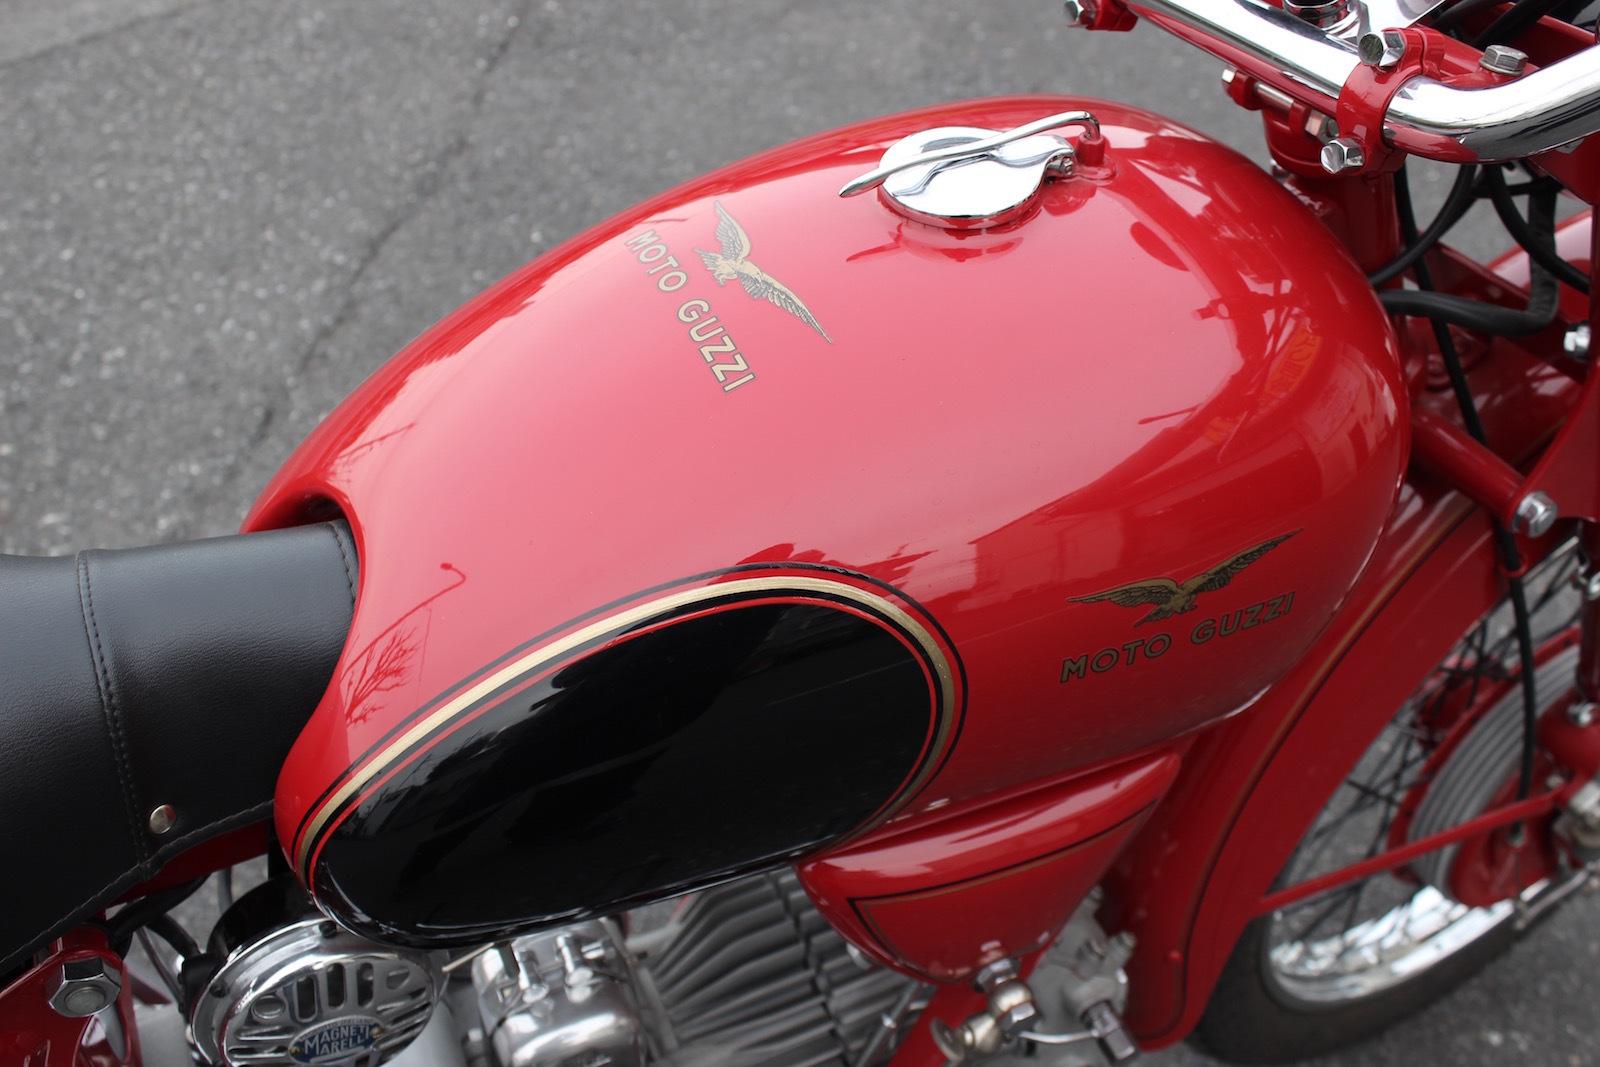 Moto Guzzi Airone Turismo 入荷。_a0208987_17580308.jpg